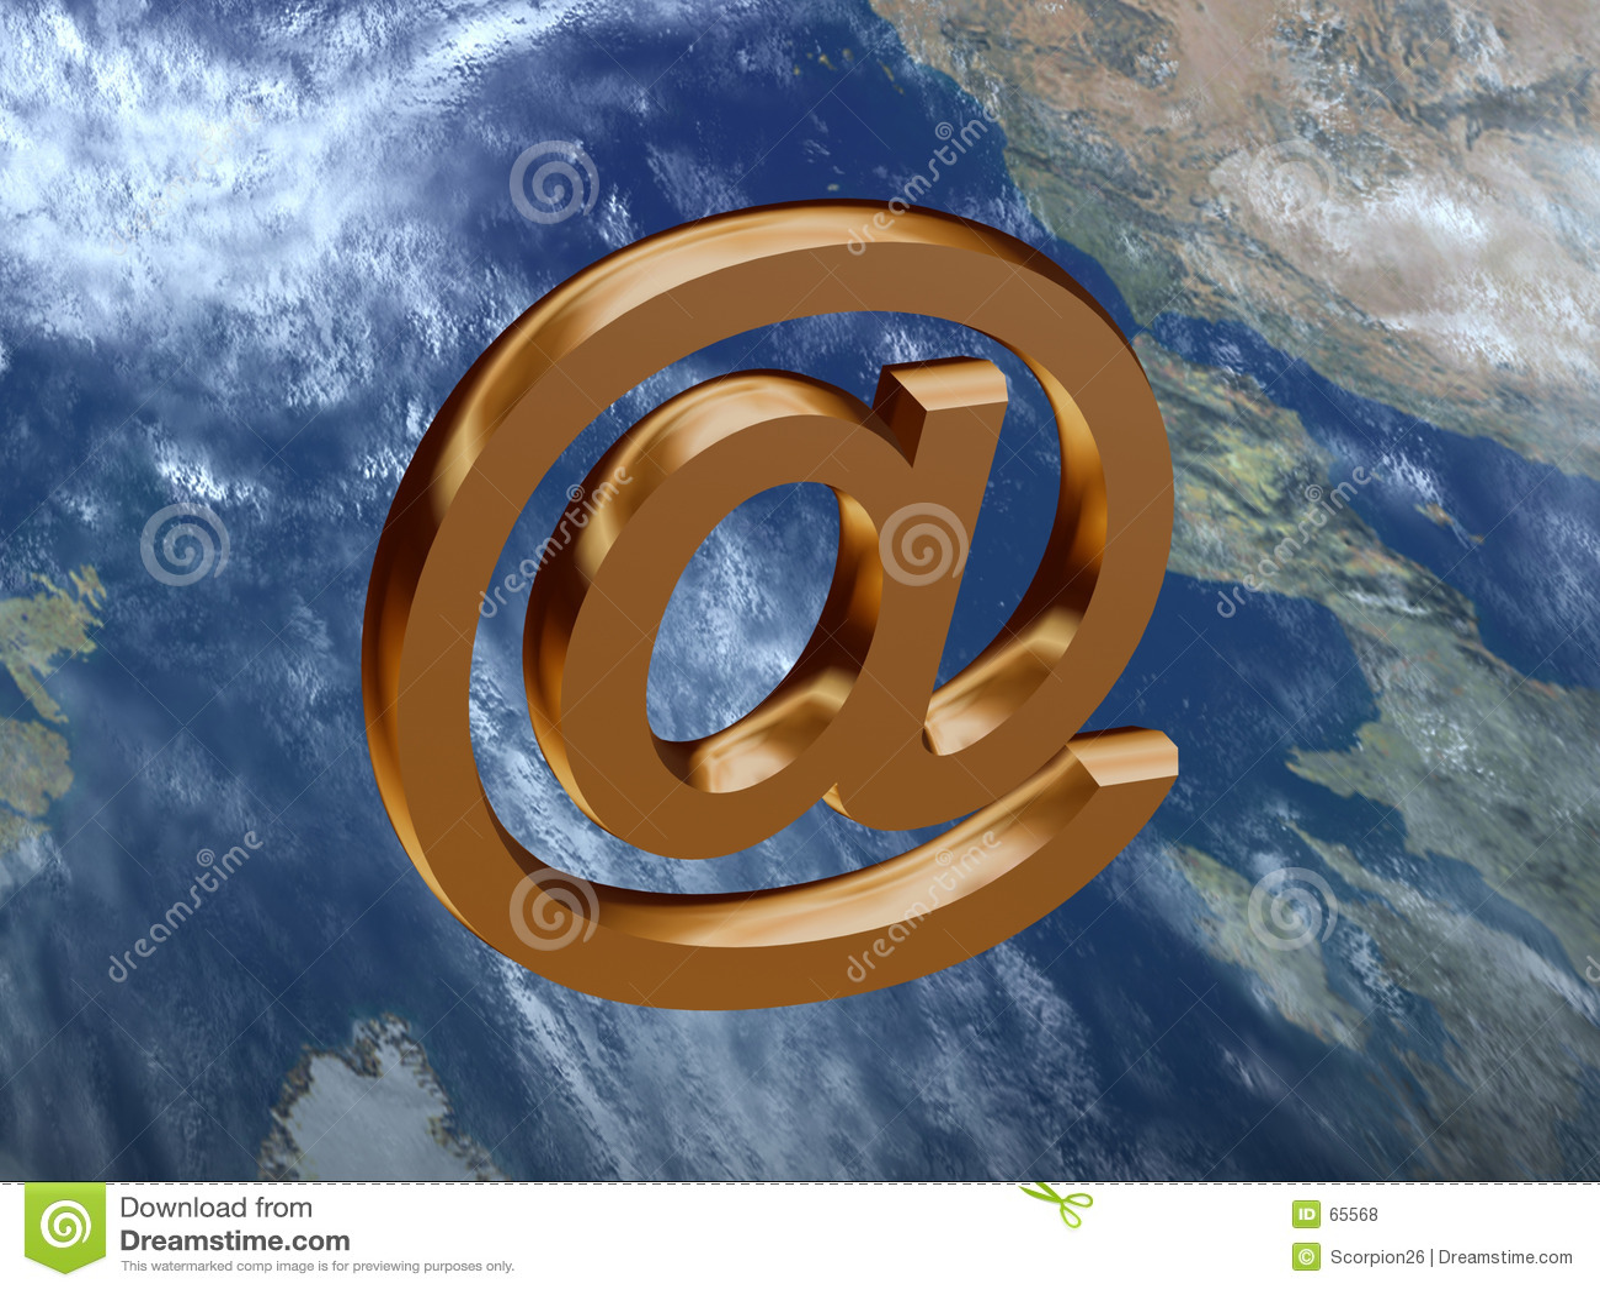 Segno della posta